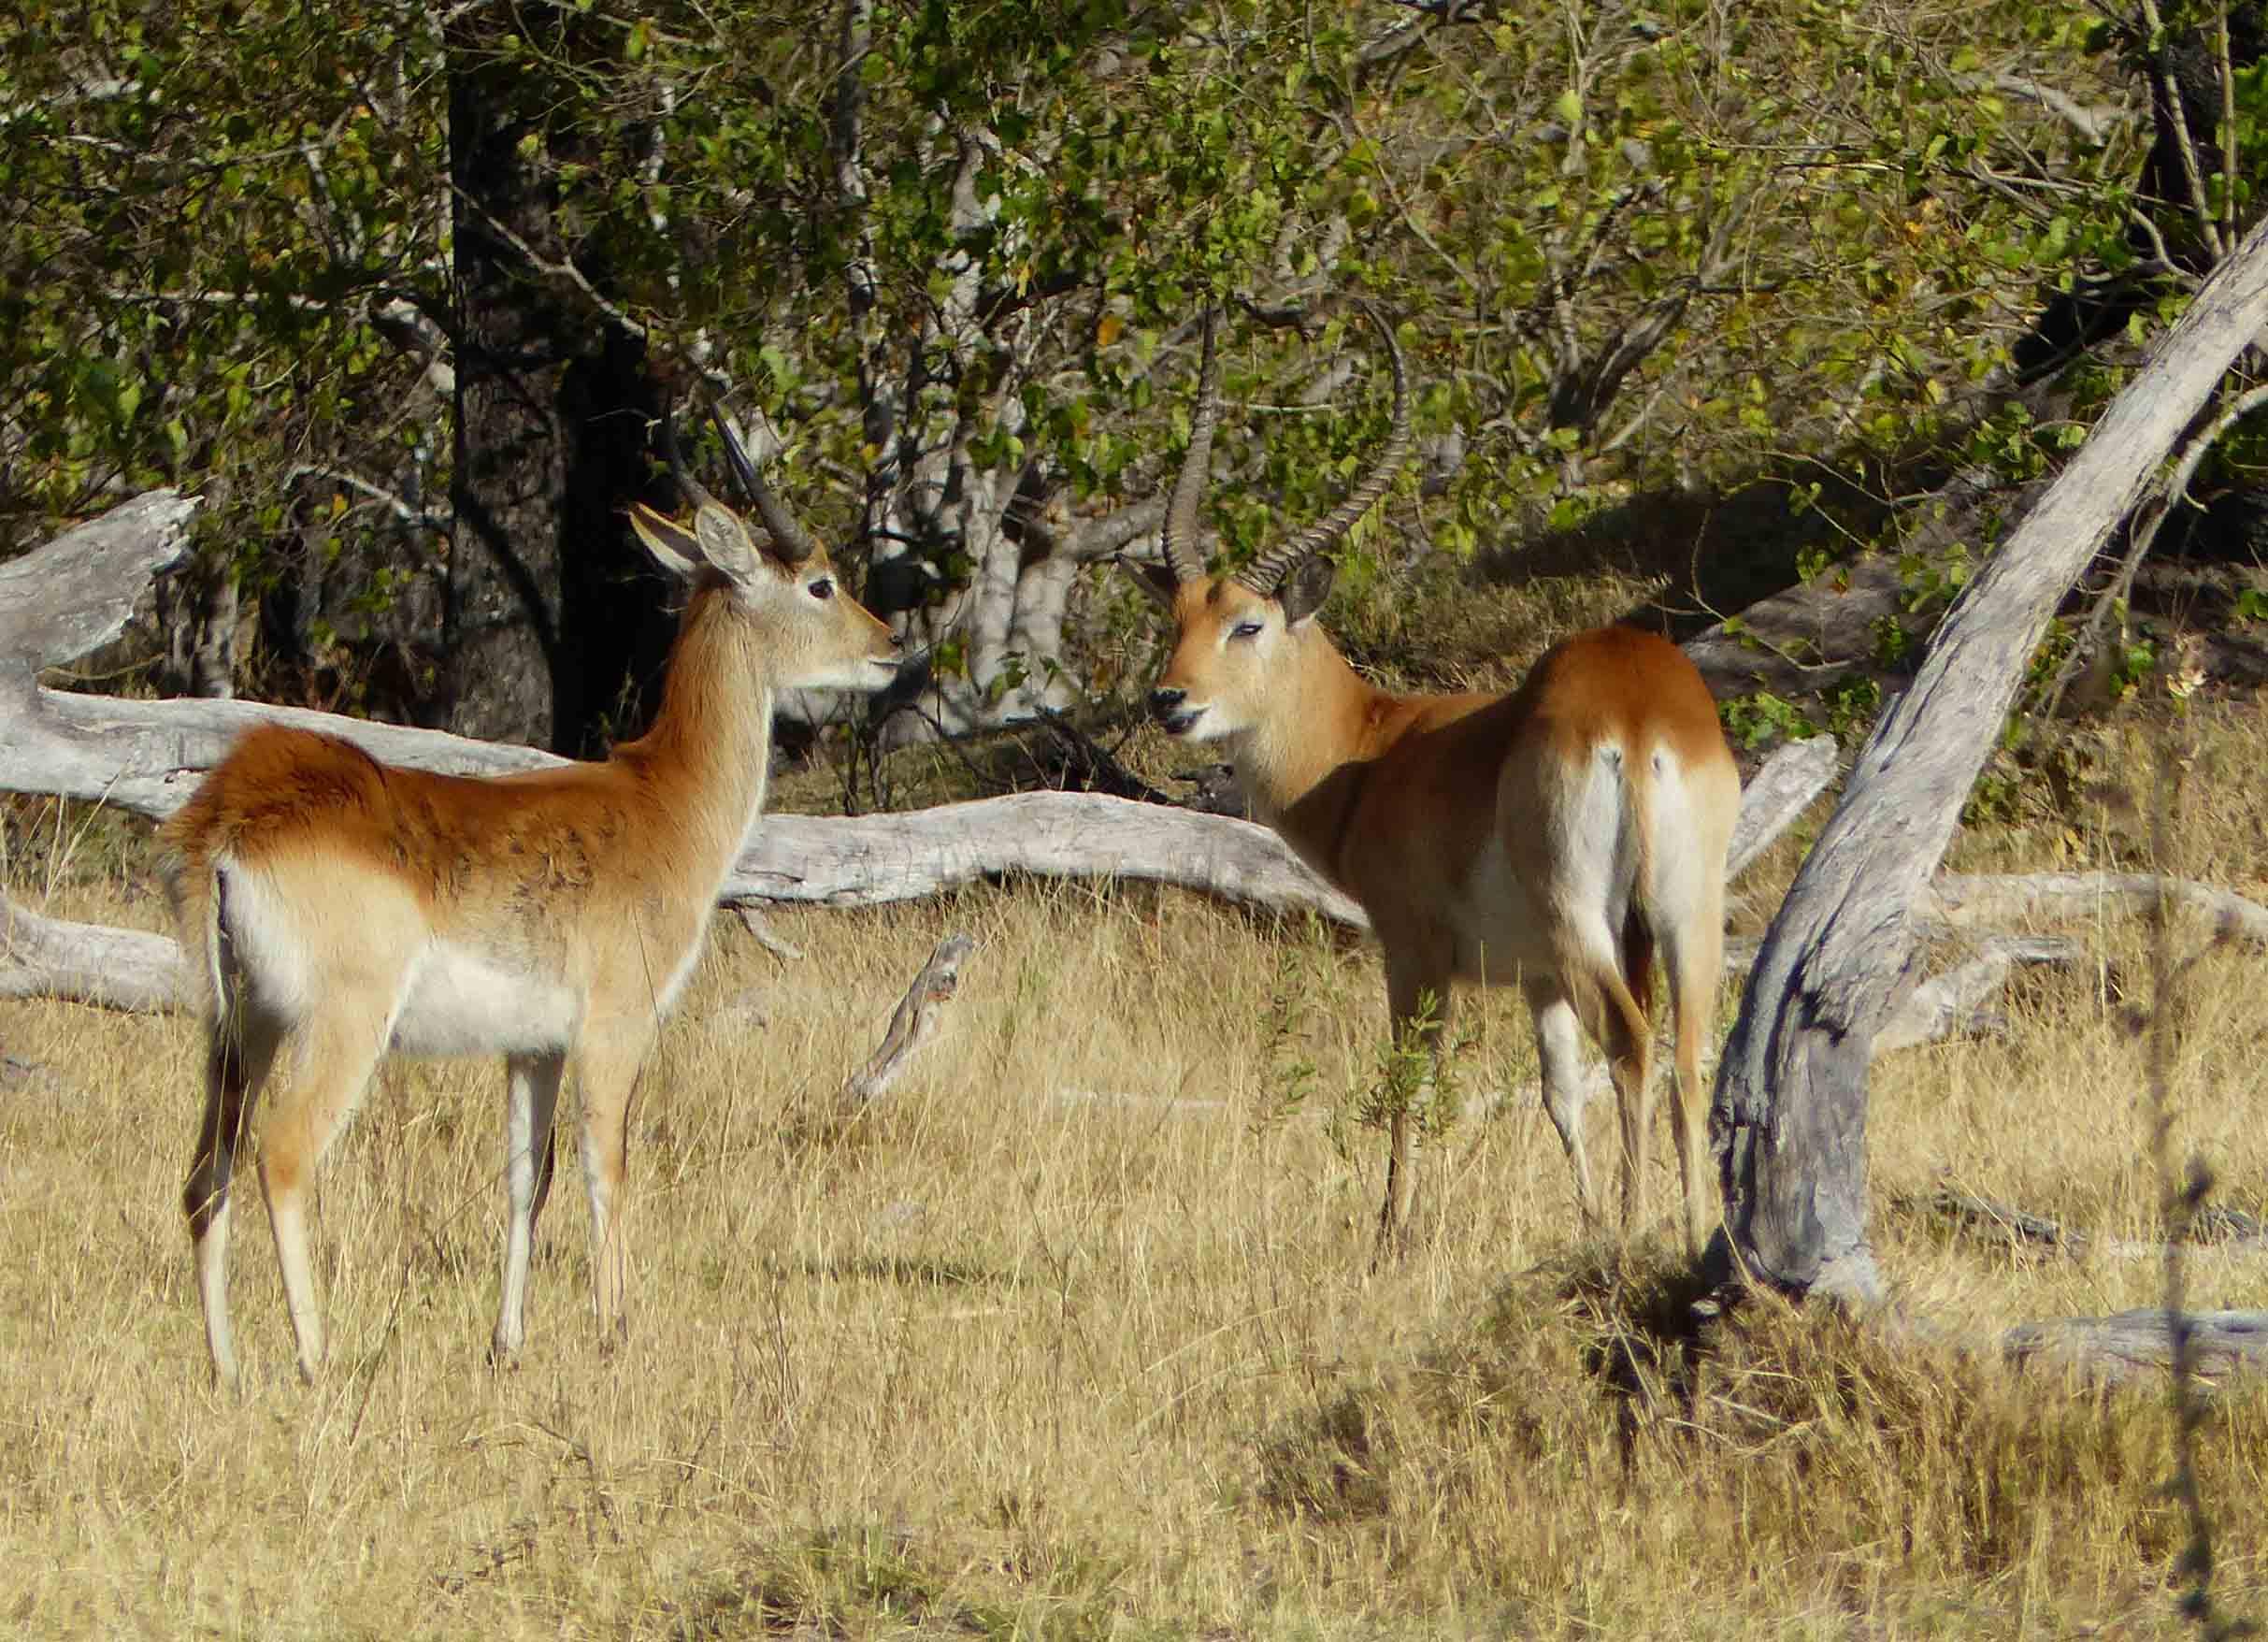 Two deer among trees